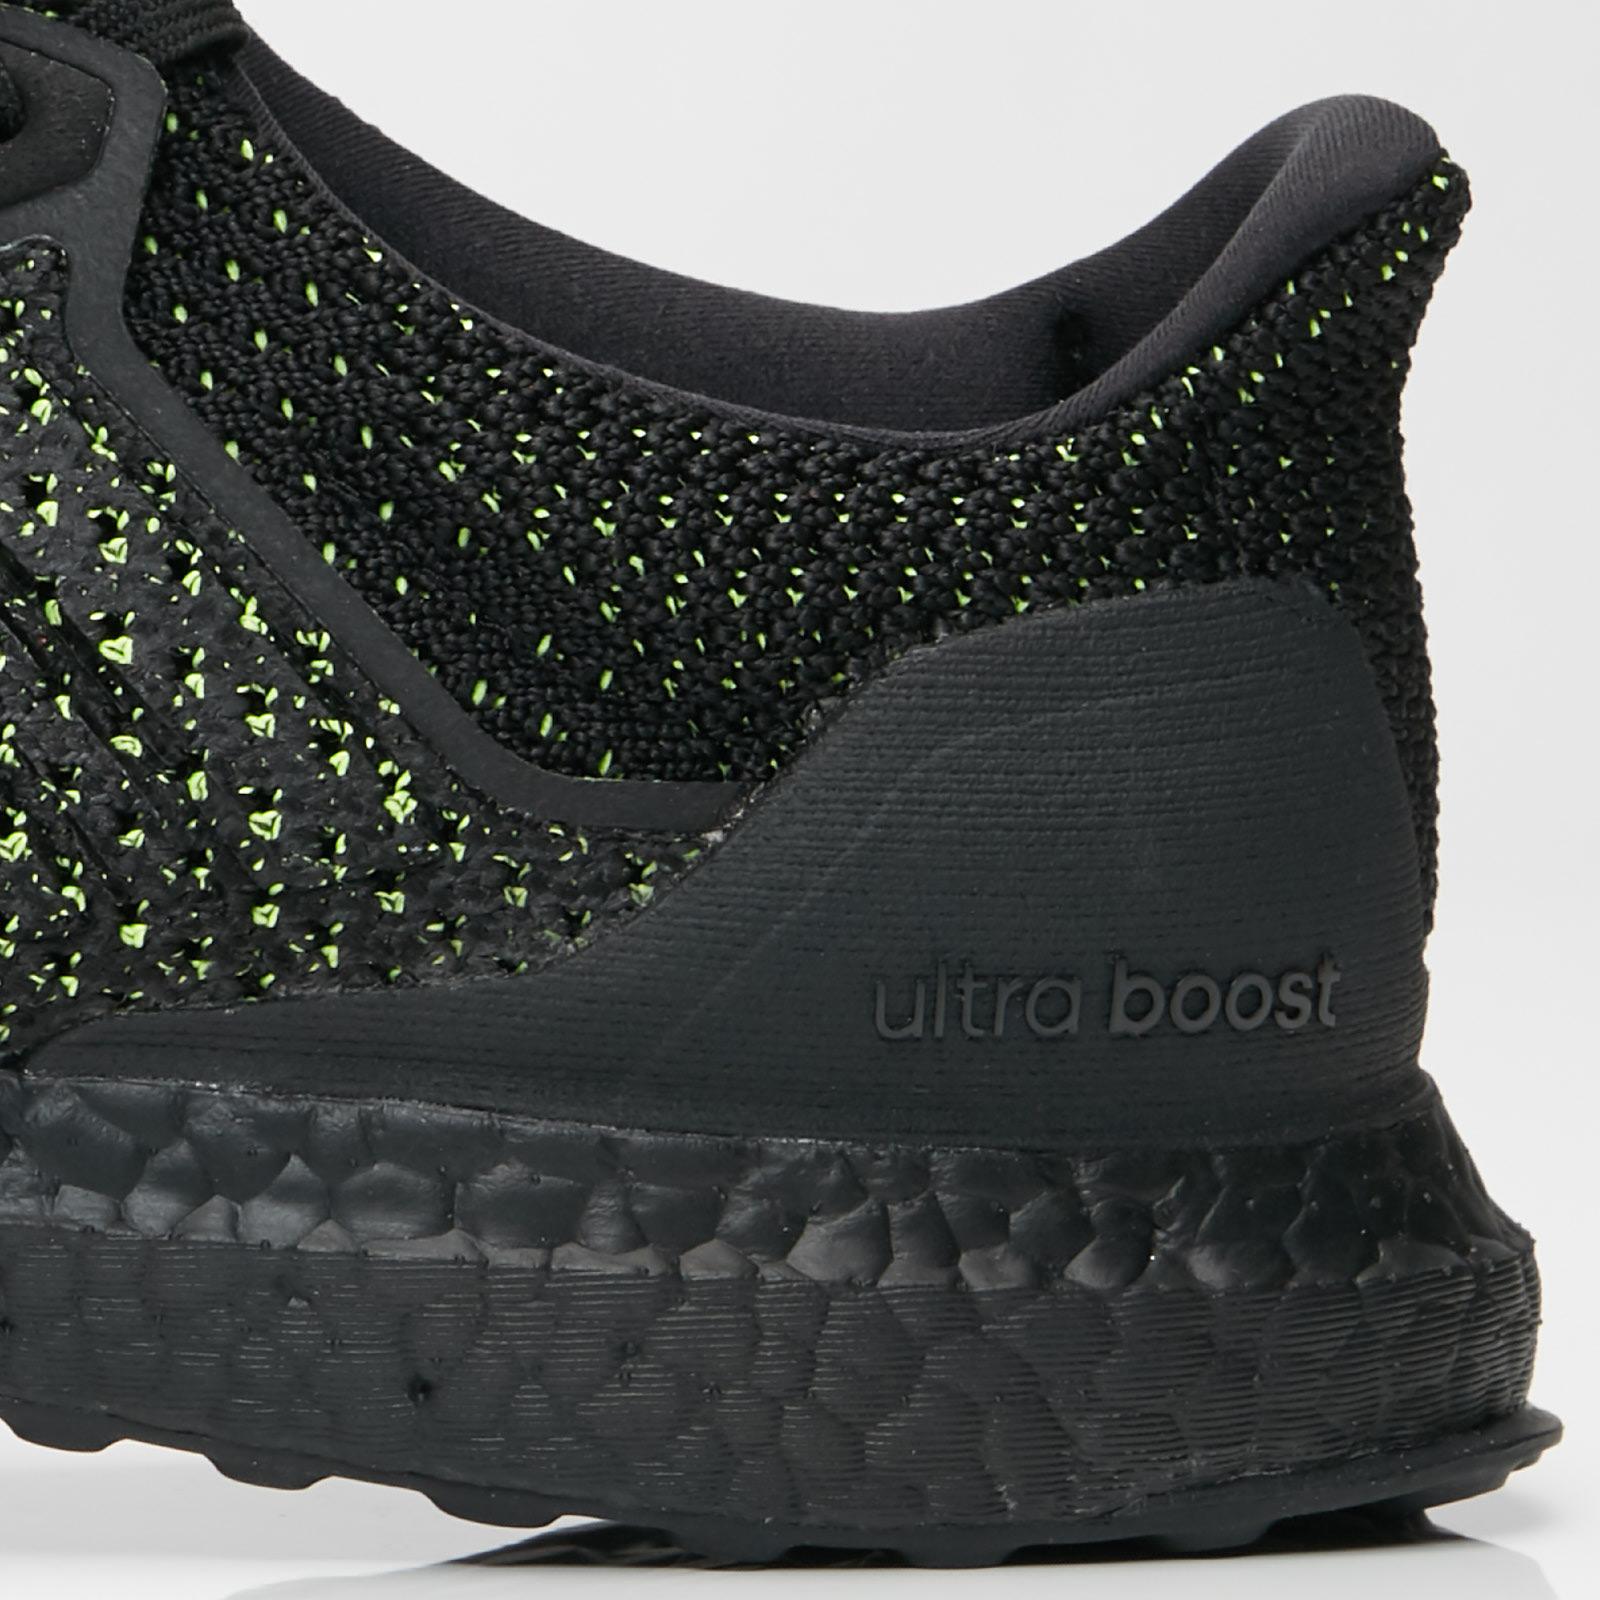 ca8f347f8fb47 adidas Ultraboost Clima - Aq0482 - Sneakersnstuff